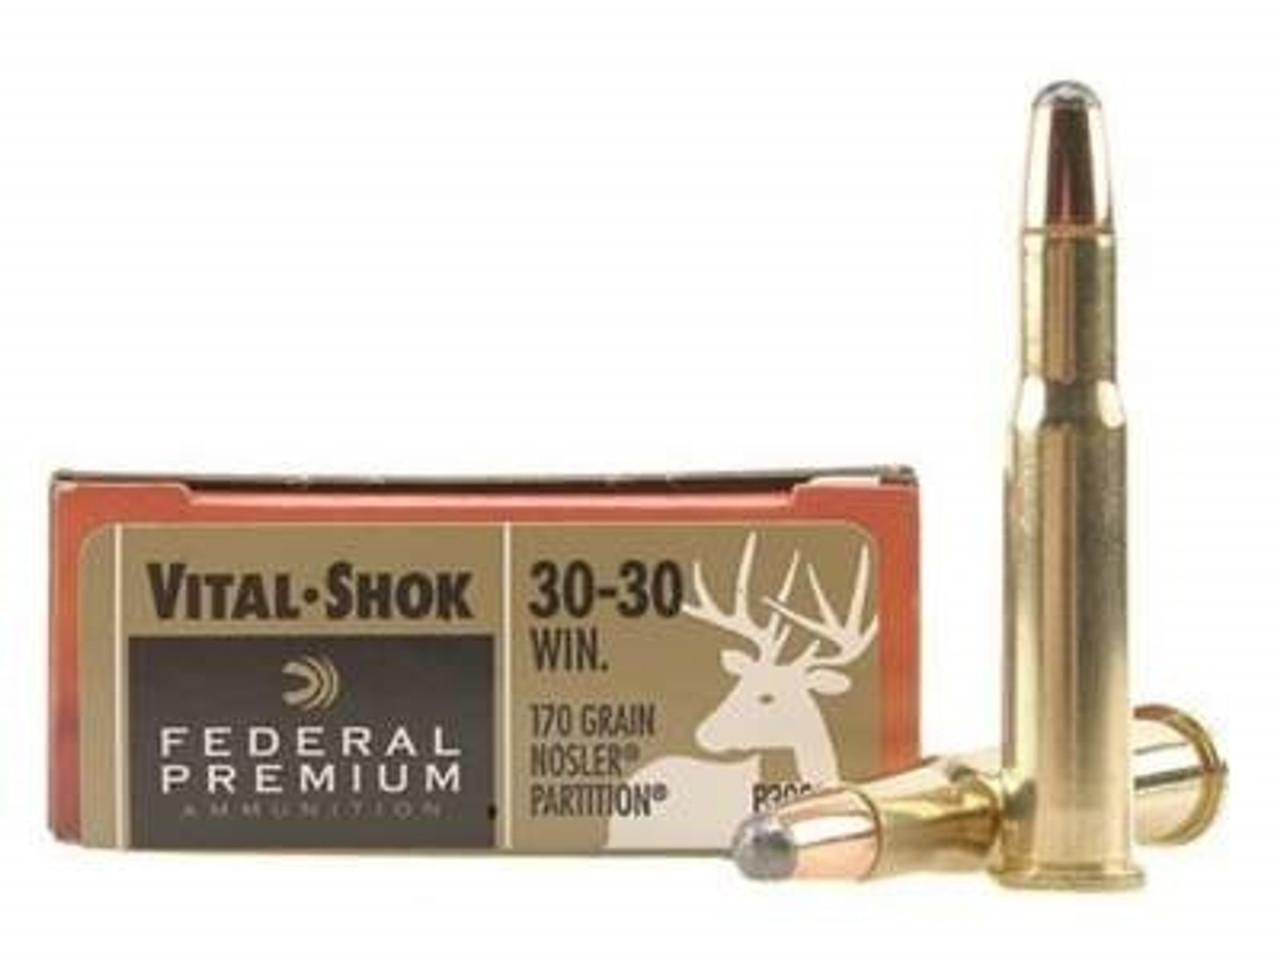 Federal 30-30 Win Ammunition Vital-Shok P3030D 170 Grain Nosler Partition  20 rounds